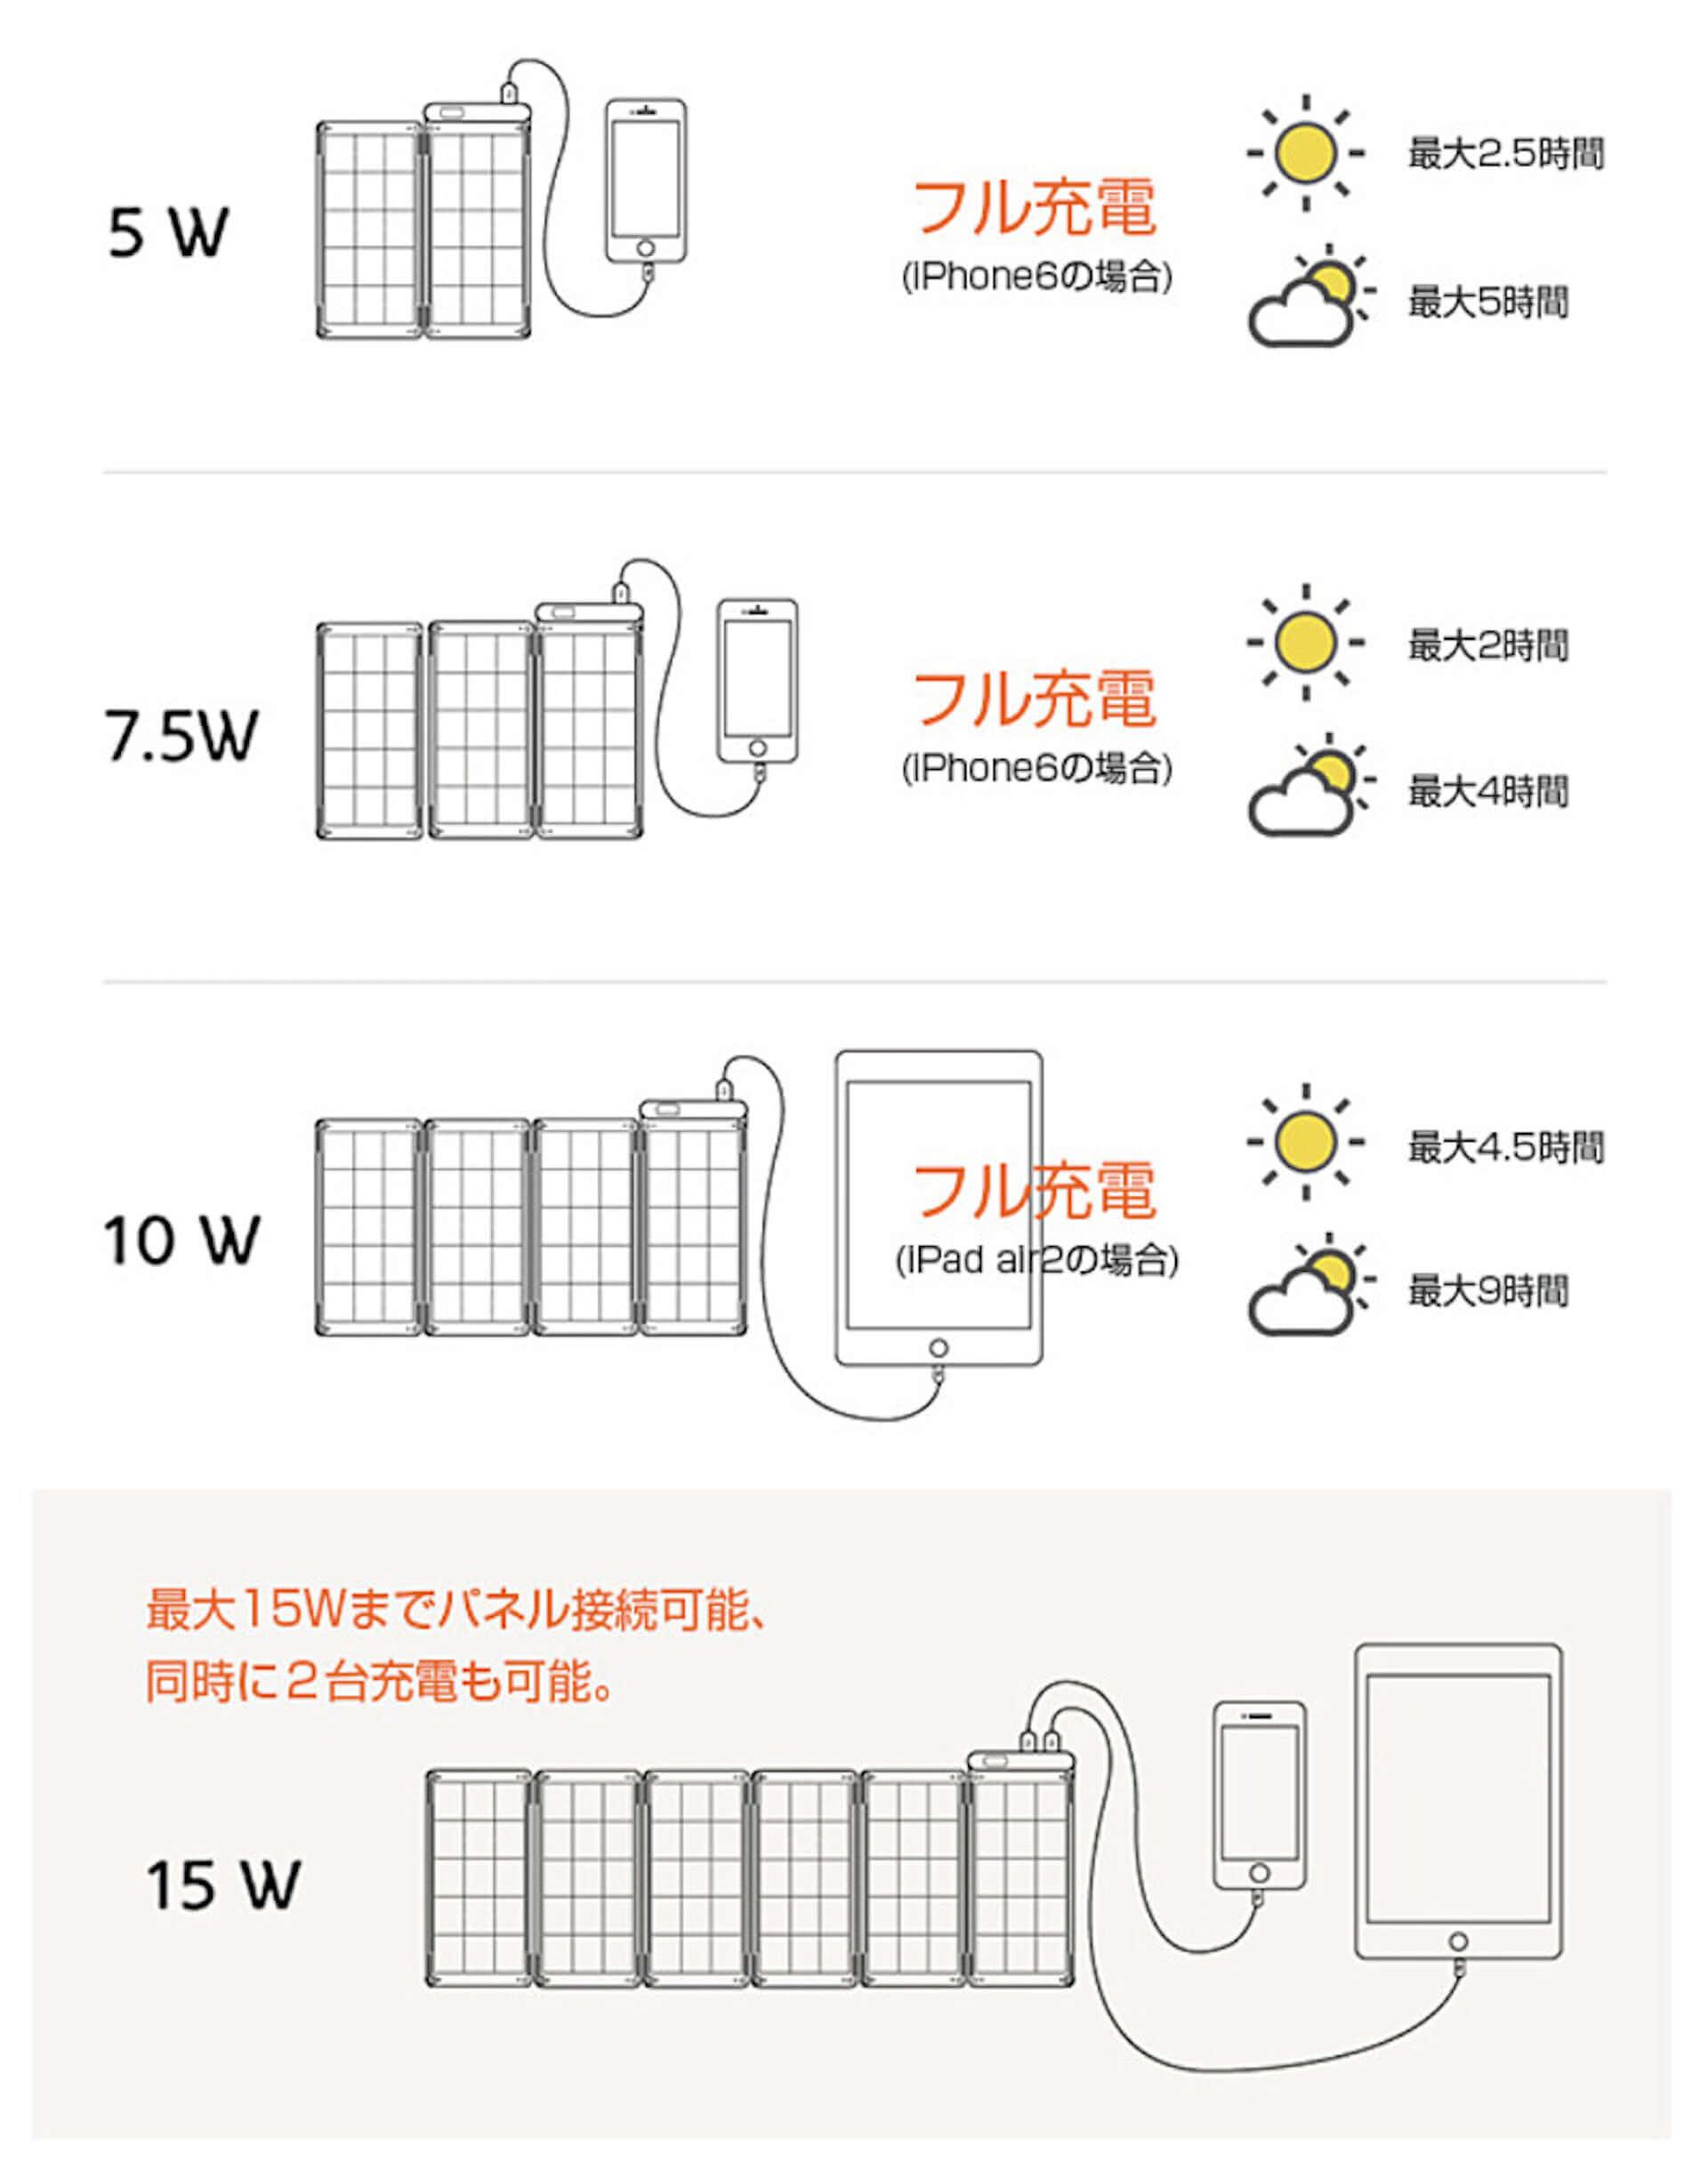 世界最薄・最軽量!家庭用コンセント同等の充電スピードを誇る、高性能ソーラーチャージャー「YOLK Solar Paper」が登場 technology190821yolk-solar-paper_8-1920x2441